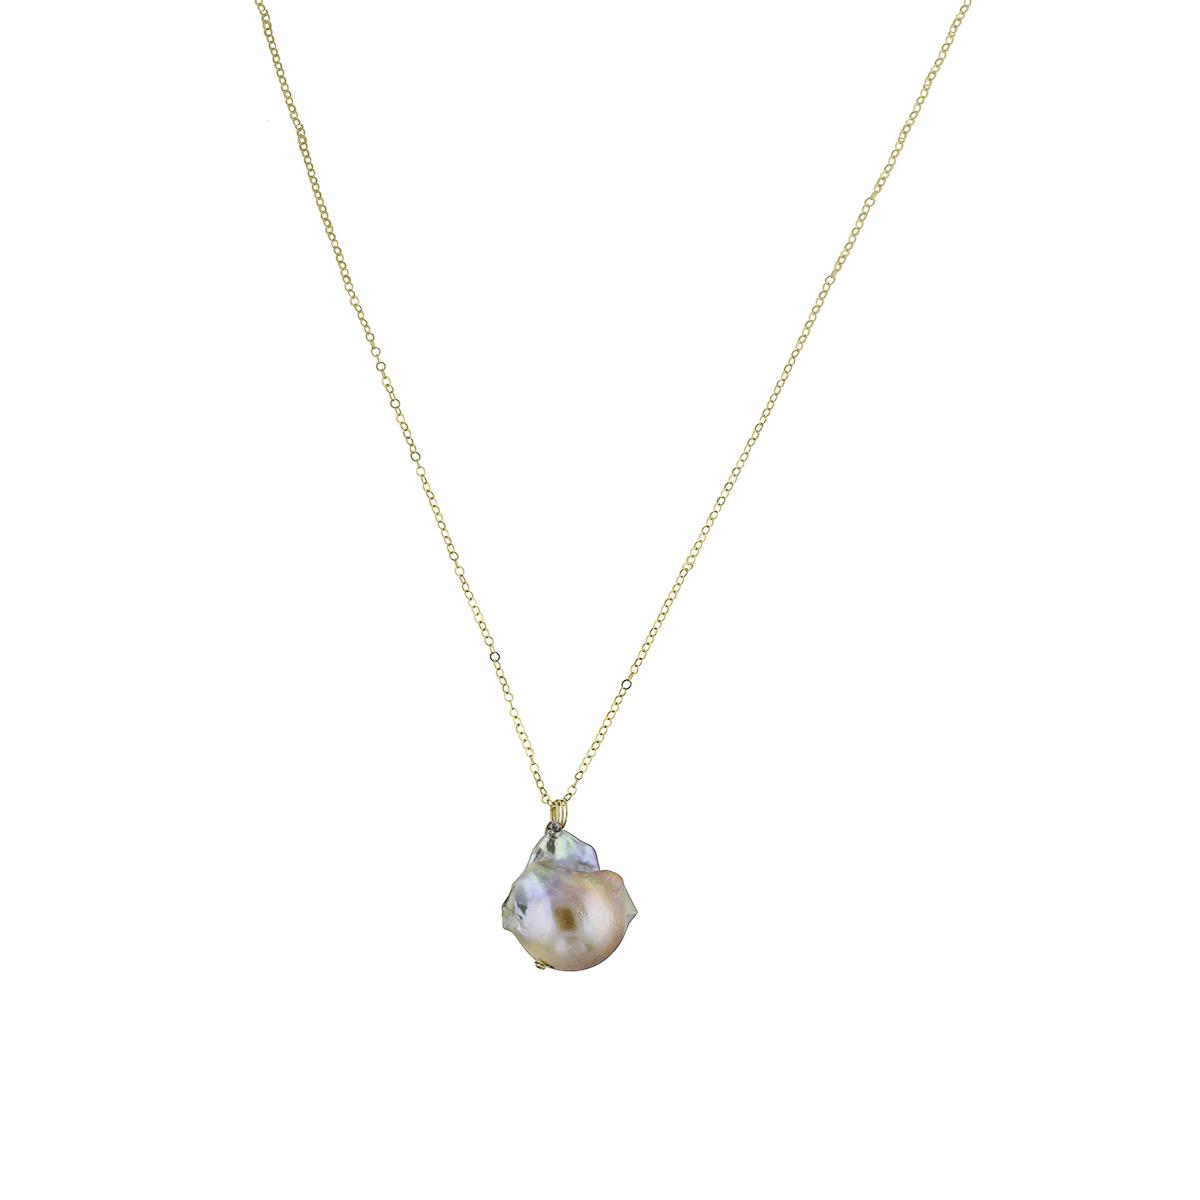 Pacifica Barouque Pearl Pendant